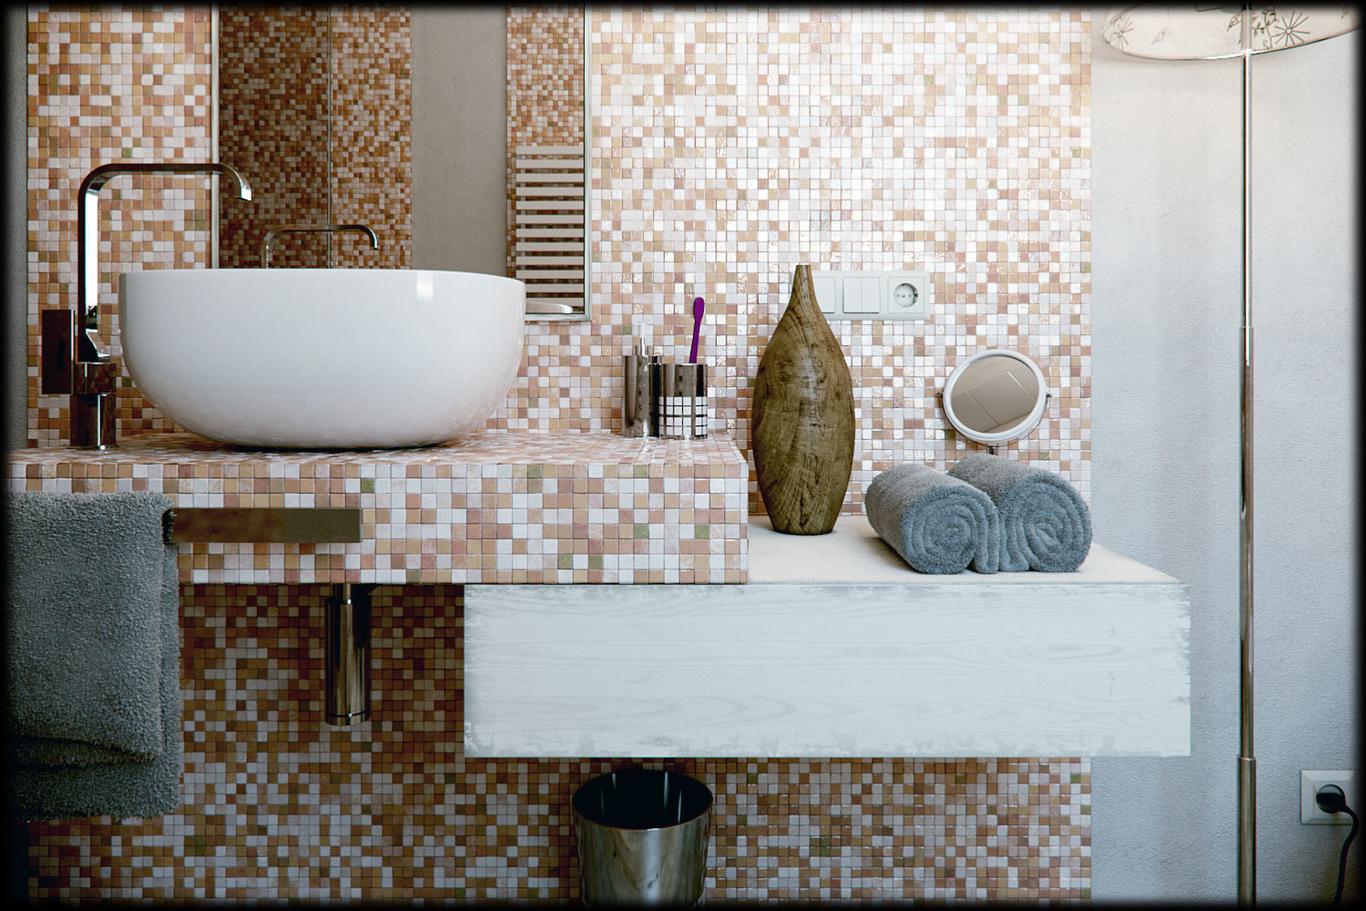 J3dsn bathroom design in t 1 adac3e93 3970